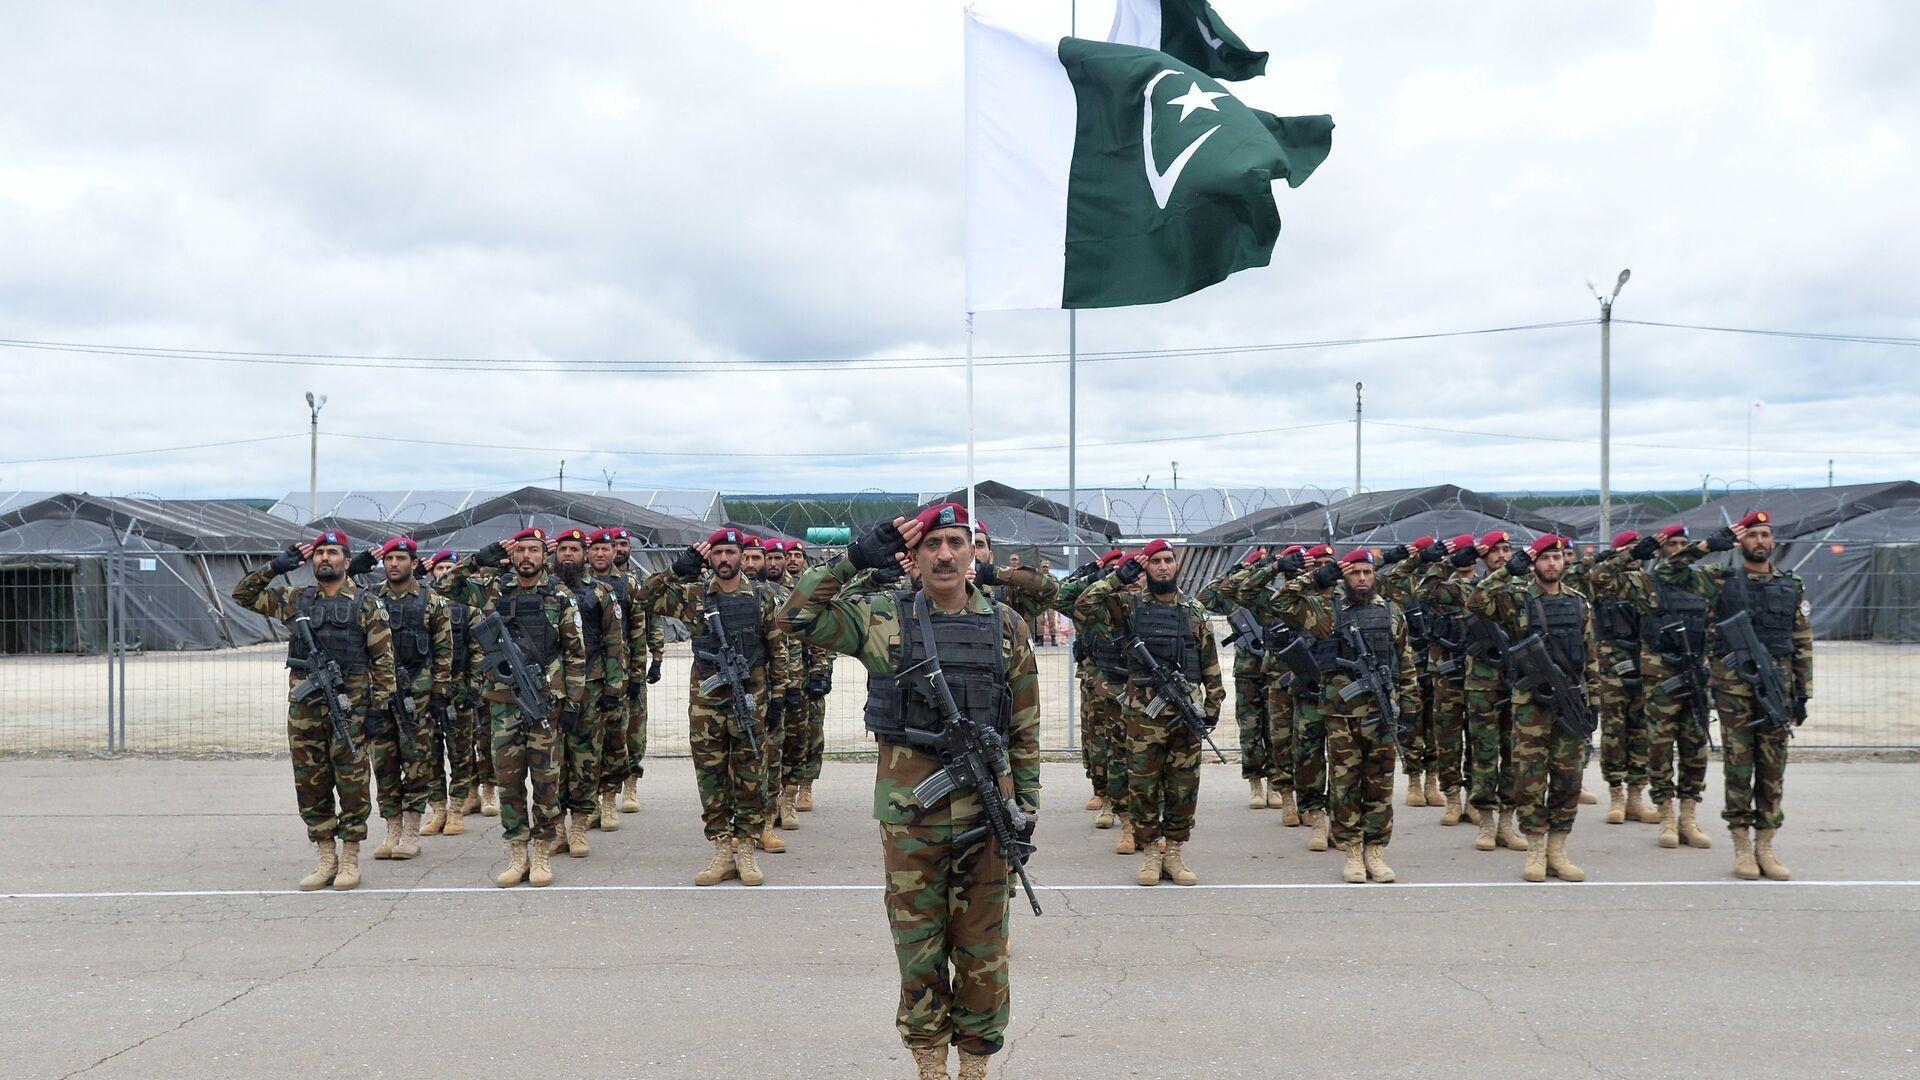 Военнослужащие вооруженных сил Пакистана во время учений ШОС Мирная миссия-2018 в Чебаркуле - РИА Новости, 1920, 08.06.2021